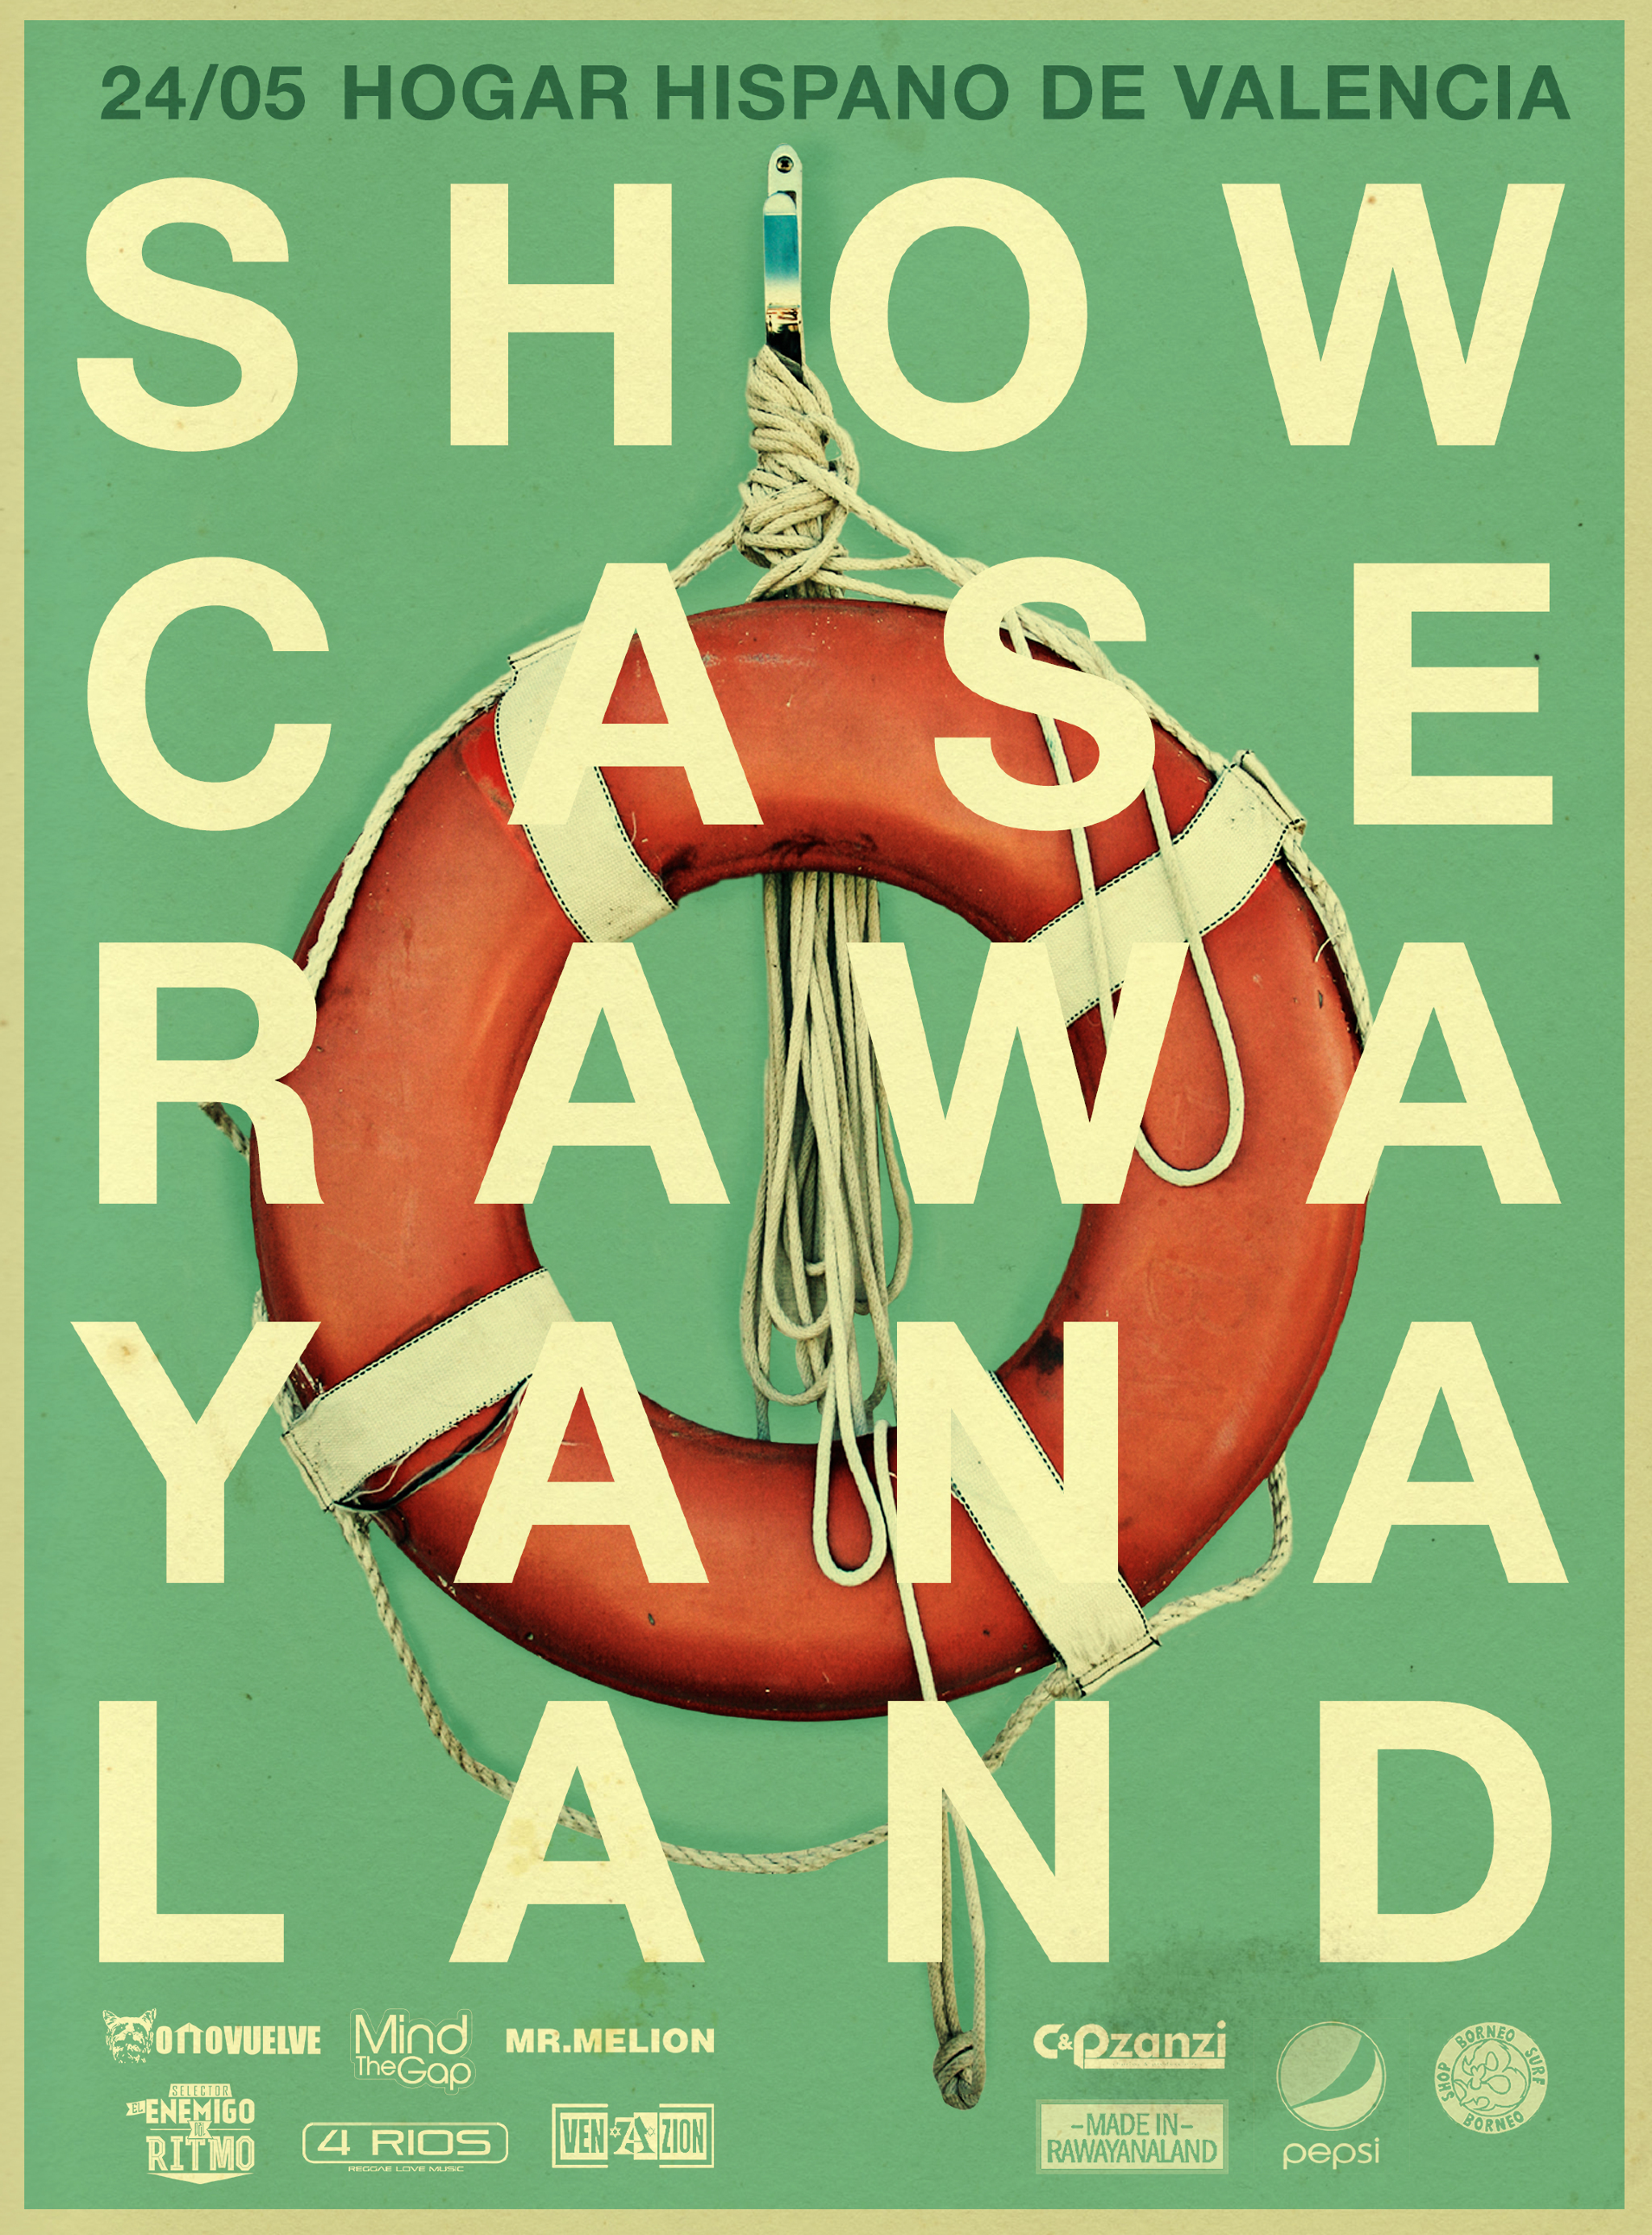 Album Showcase 2nd Flyer